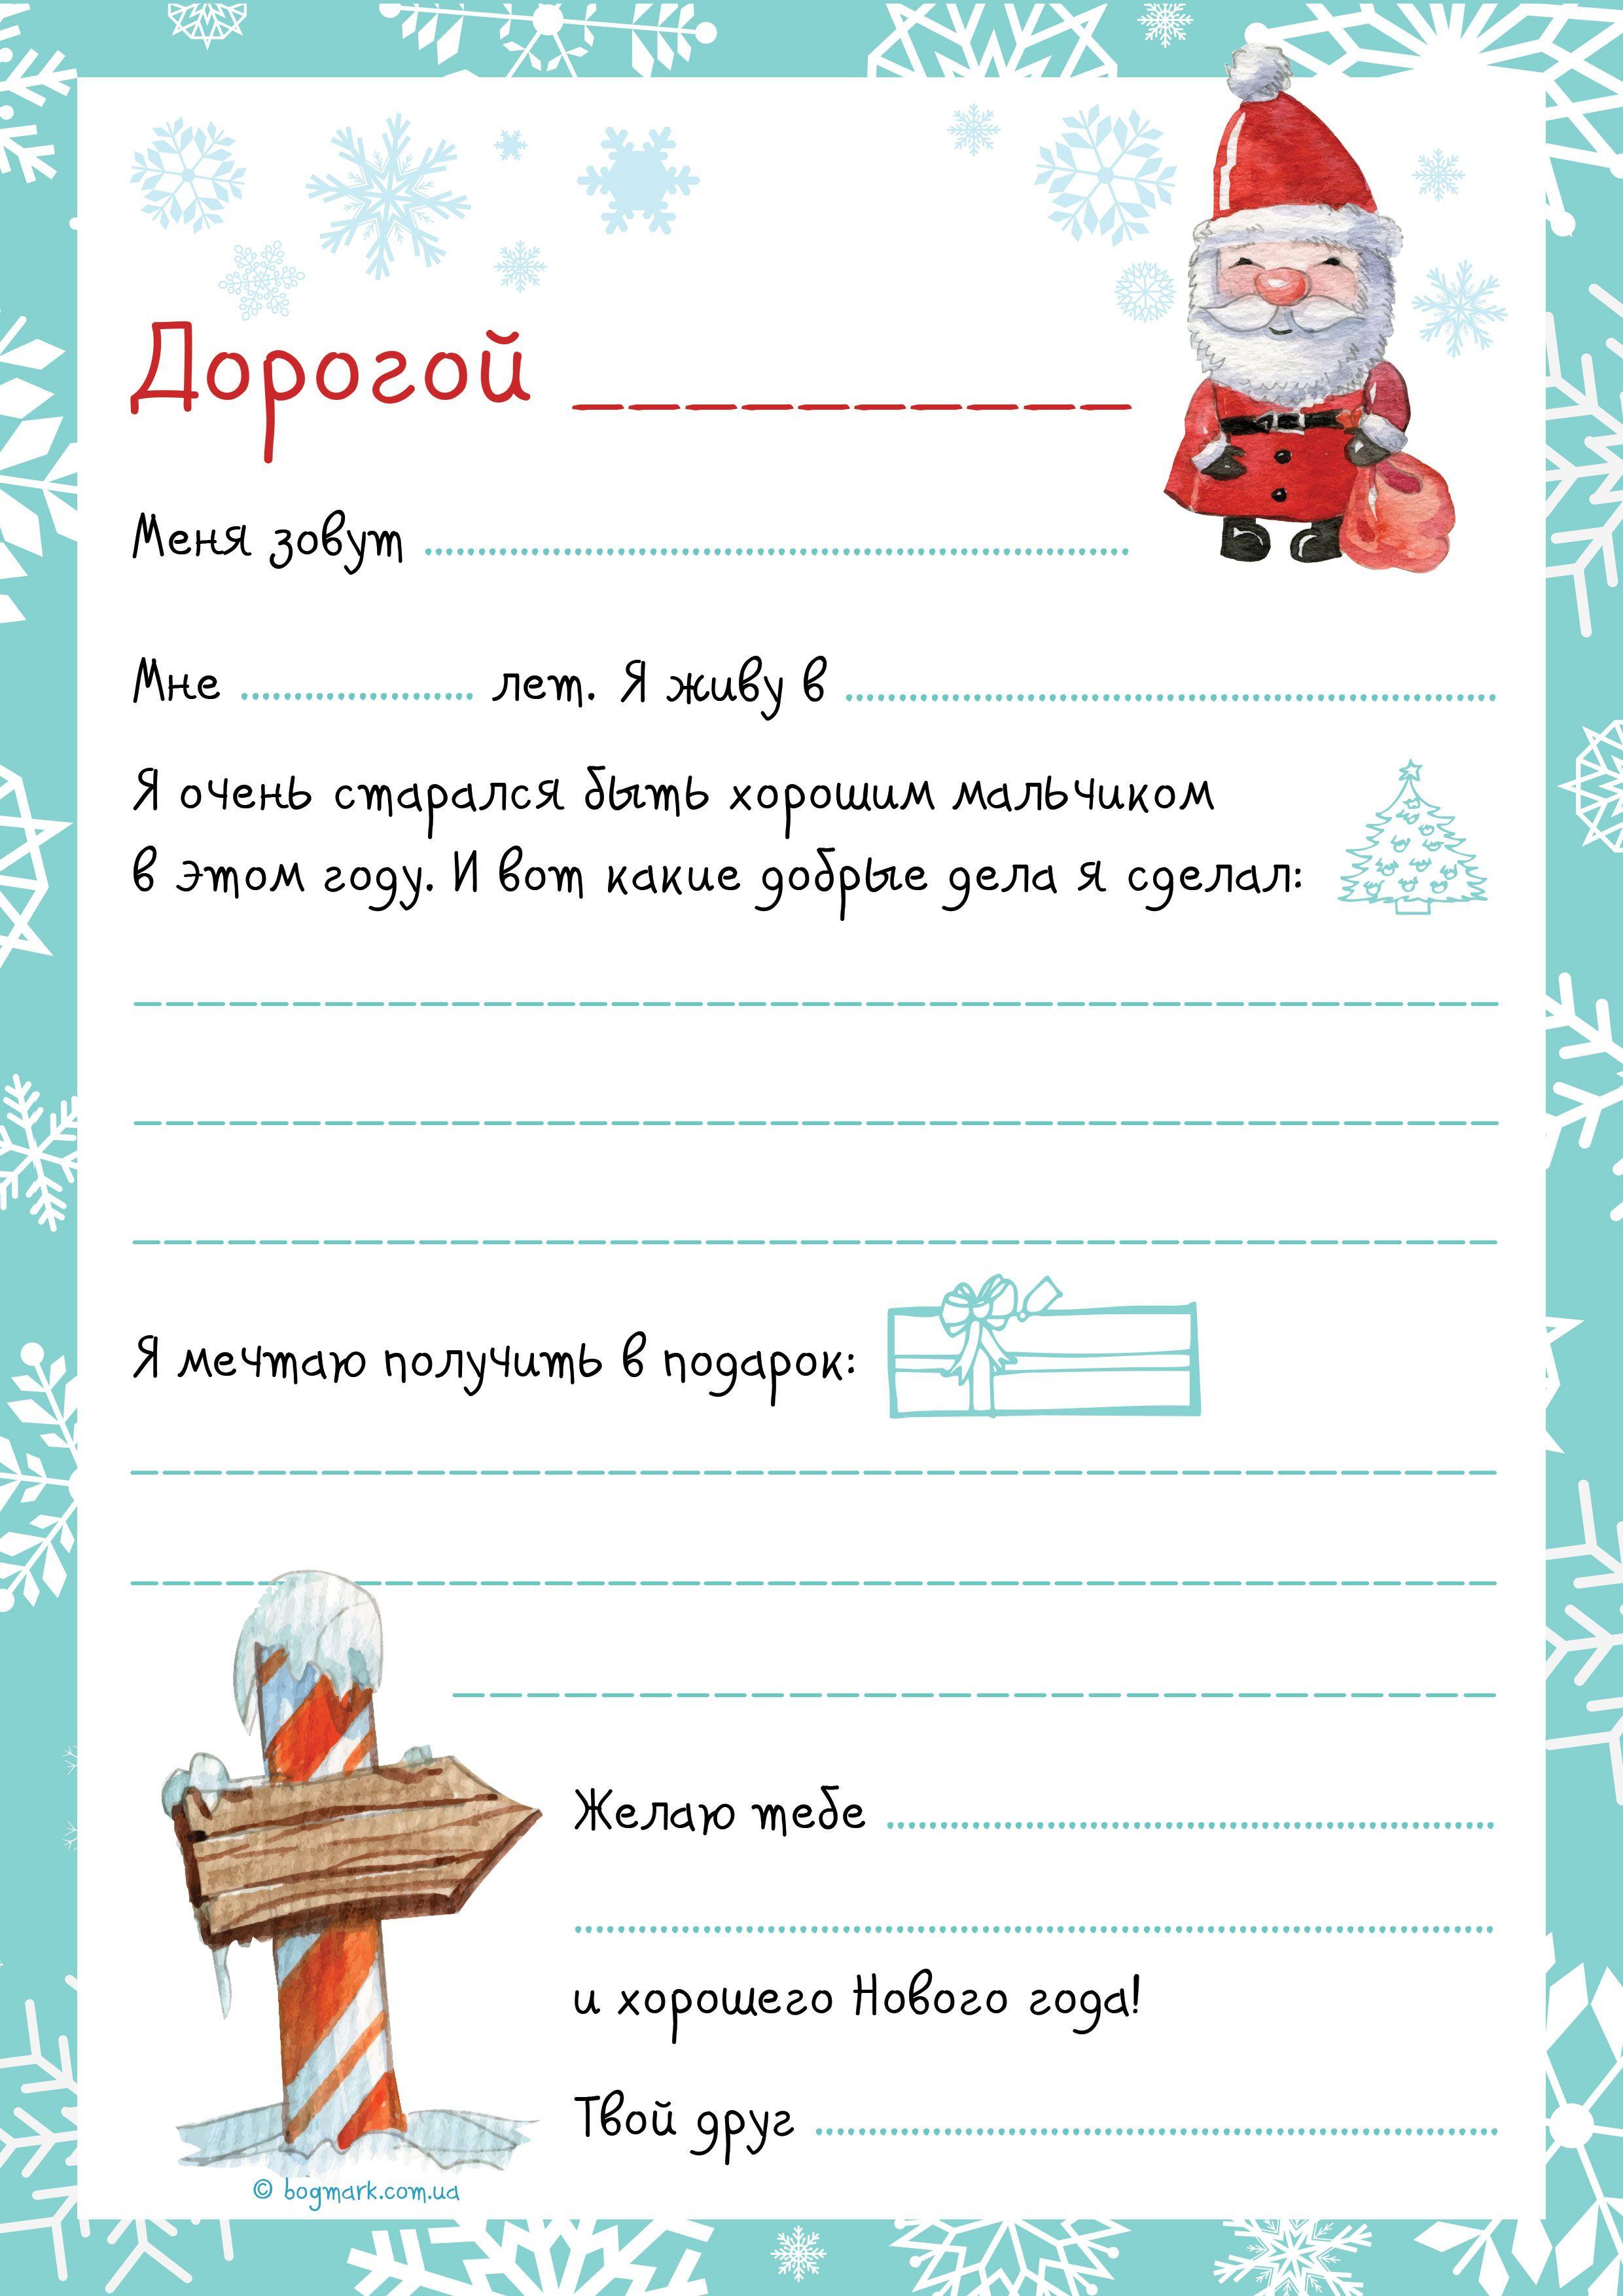 День, как подписать открытку для деда мороза